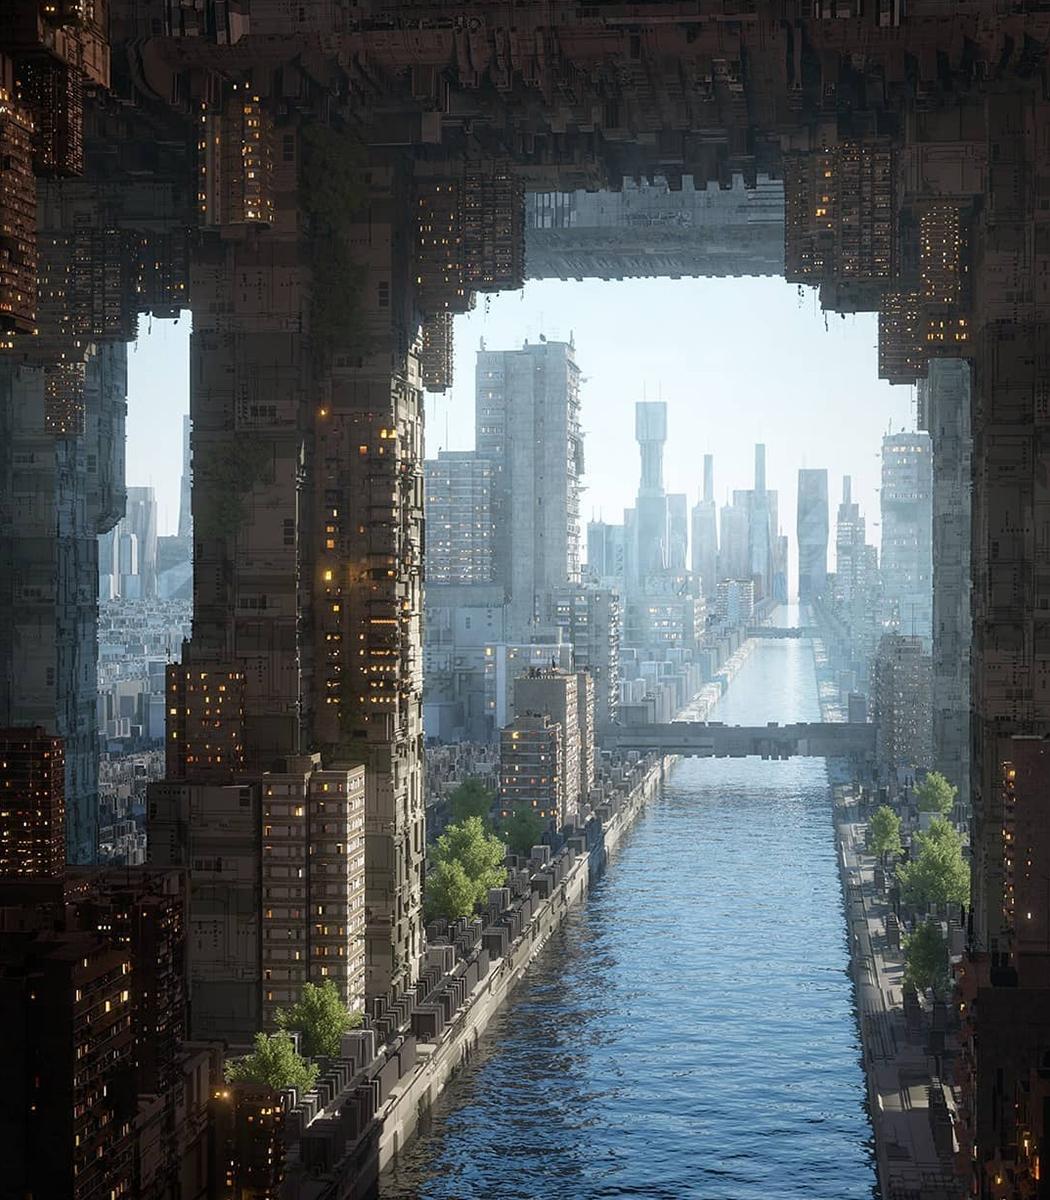 10 Renderizações De Projetos Arquitetônicos Que Nos Permitem Vislumbrar O Futuro Da Humanidade